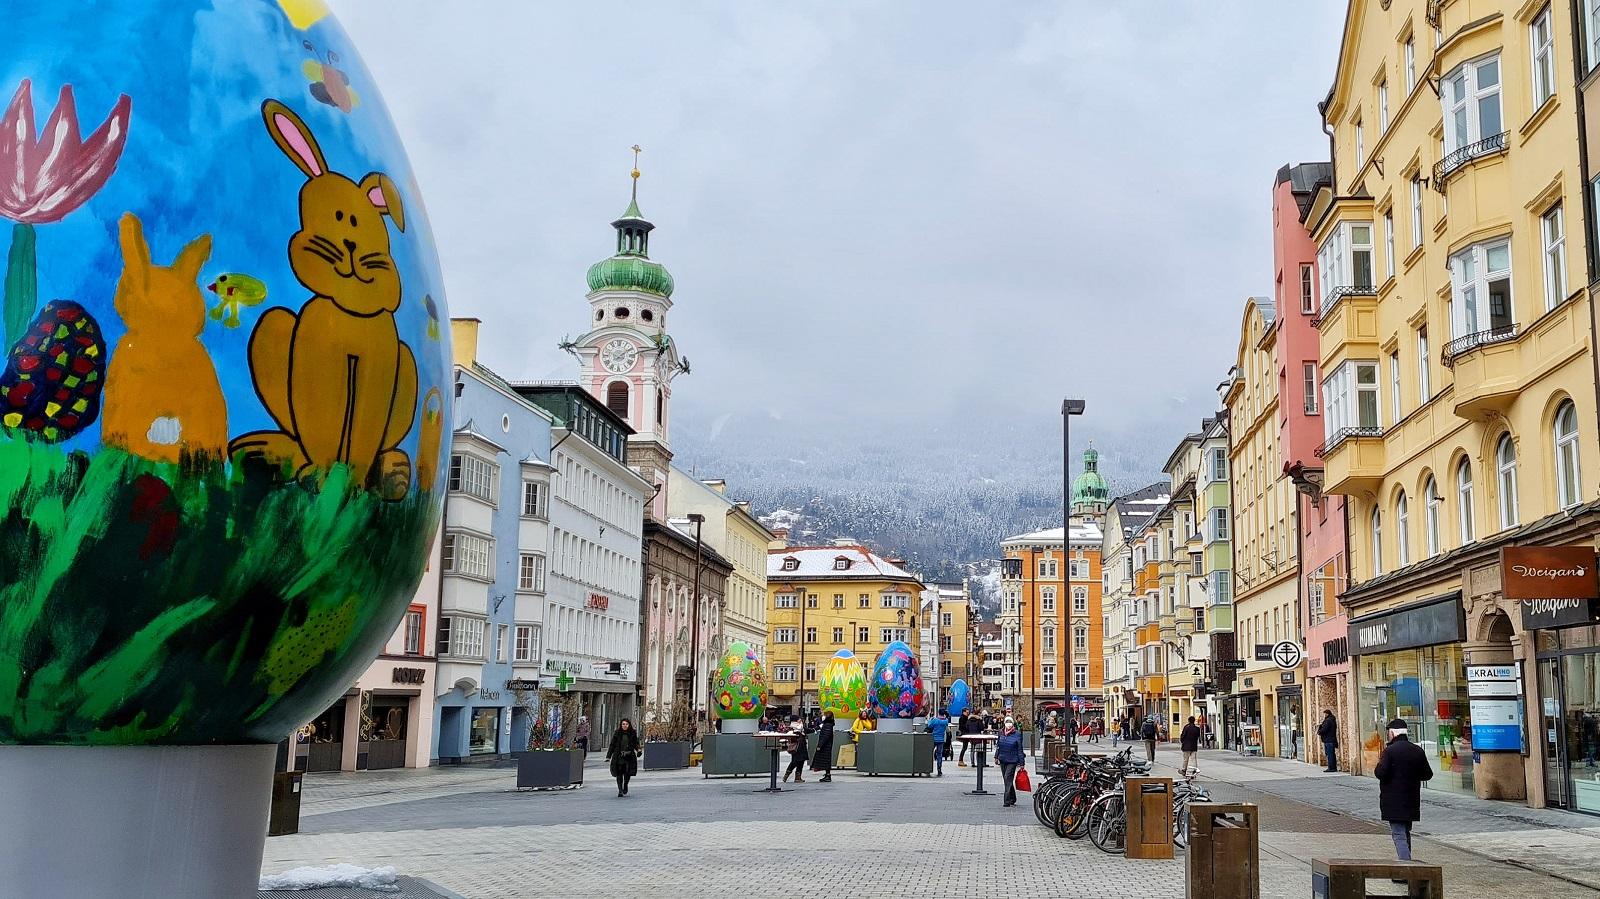 Osterfrühling, czyli Alpy rozkwitają!  Jak celebrować Wielkanoc w Tyrolu?